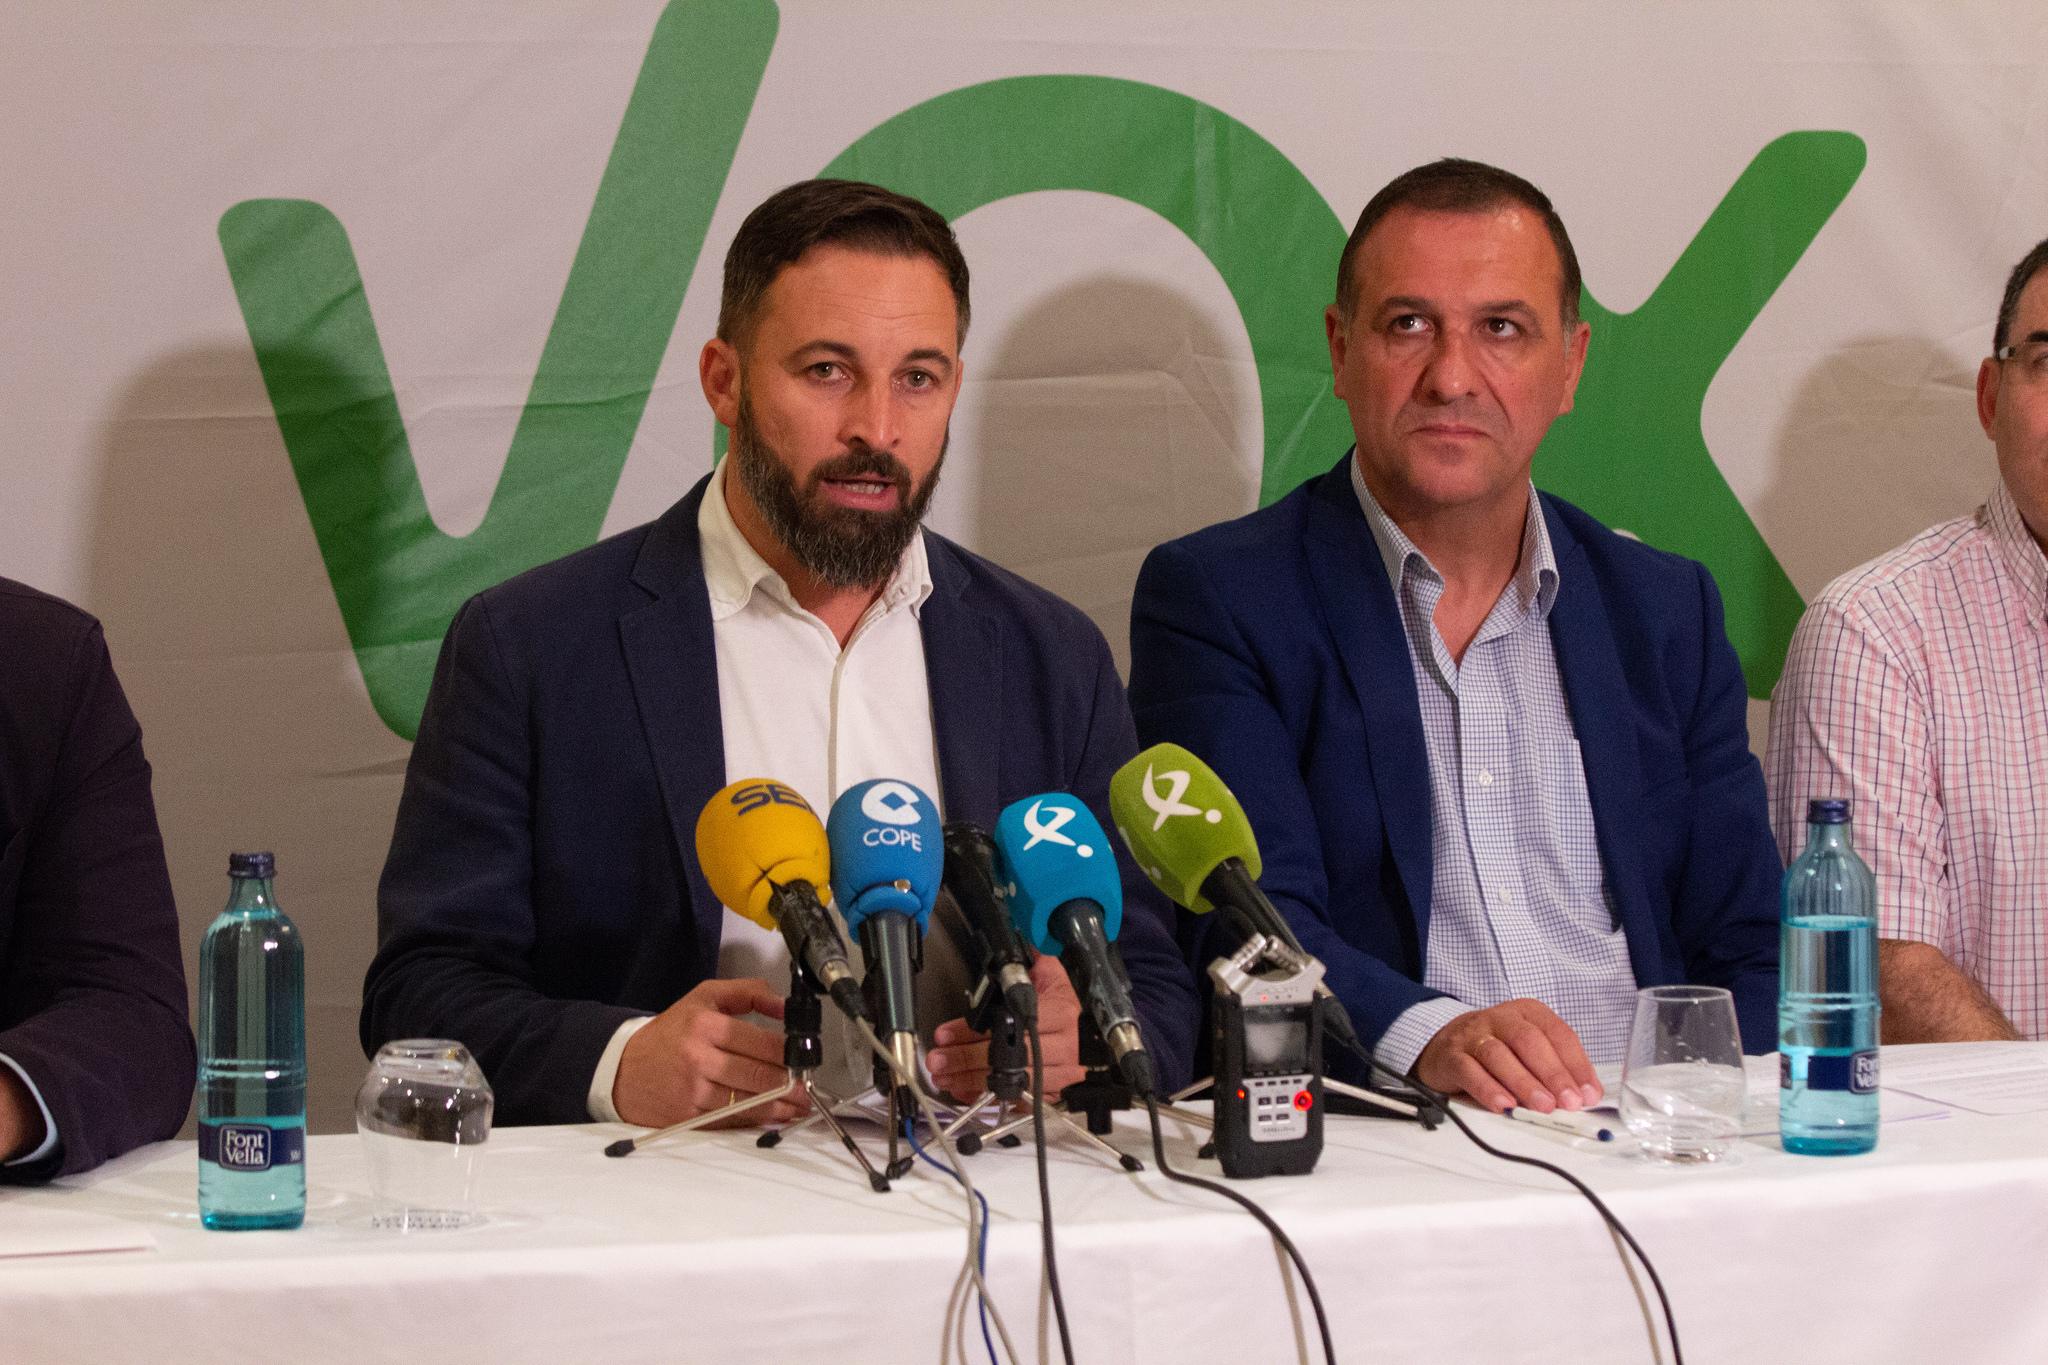 Ультраправые получили 12 мест в парламенте Андалусии на воскресных выборах